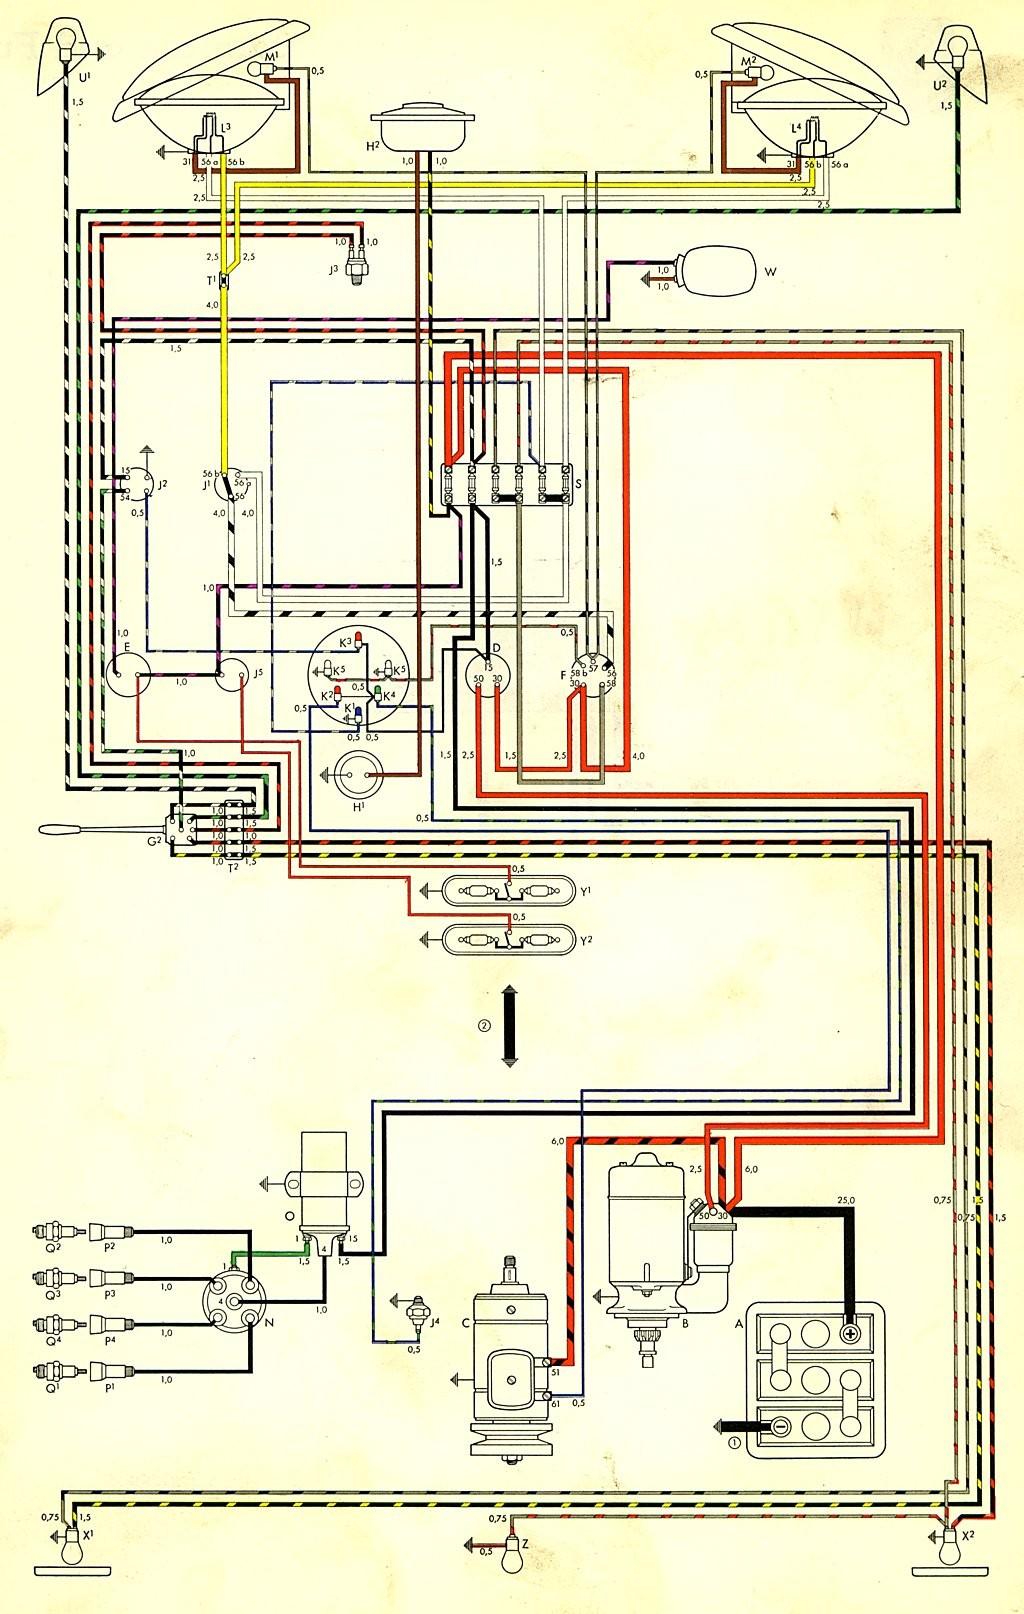 bus wiring diagrams everything wiring diagram 1960 flxible bus wiring  diagram